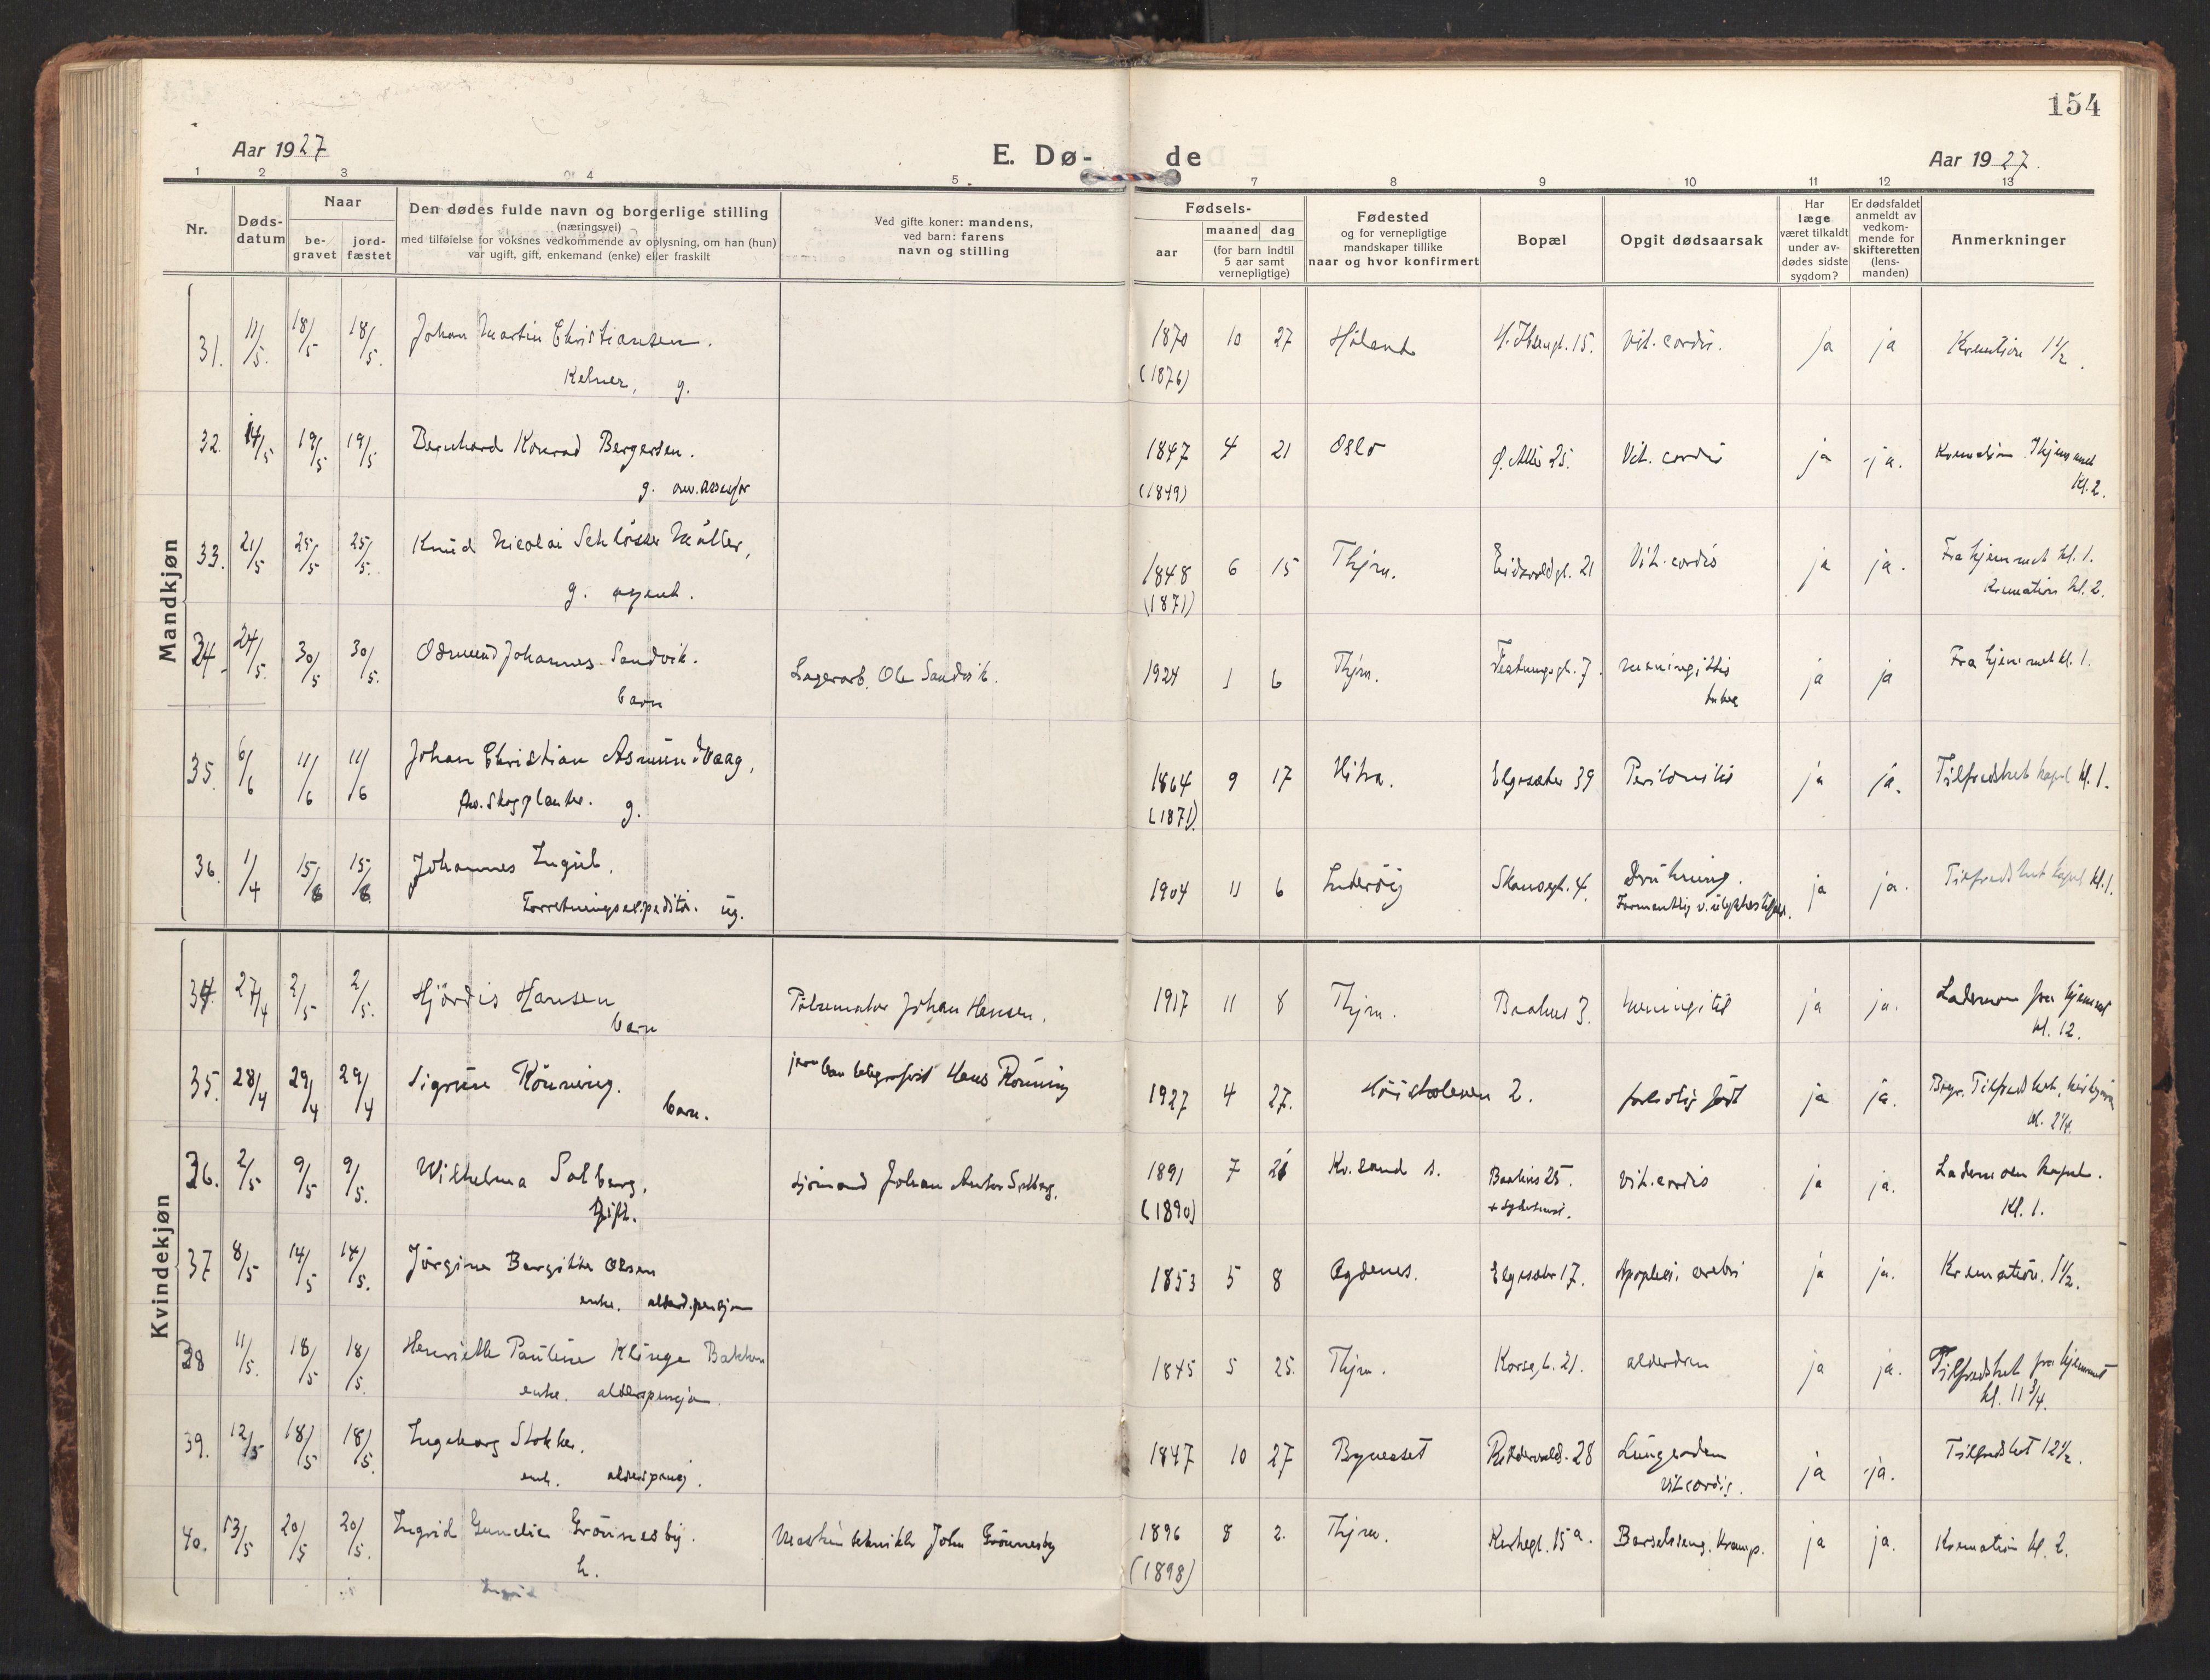 SAT, Ministerialprotokoller, klokkerbøker og fødselsregistre - Sør-Trøndelag, 604/L0207: Ministerialbok nr. 604A27, 1917-1933, s. 154